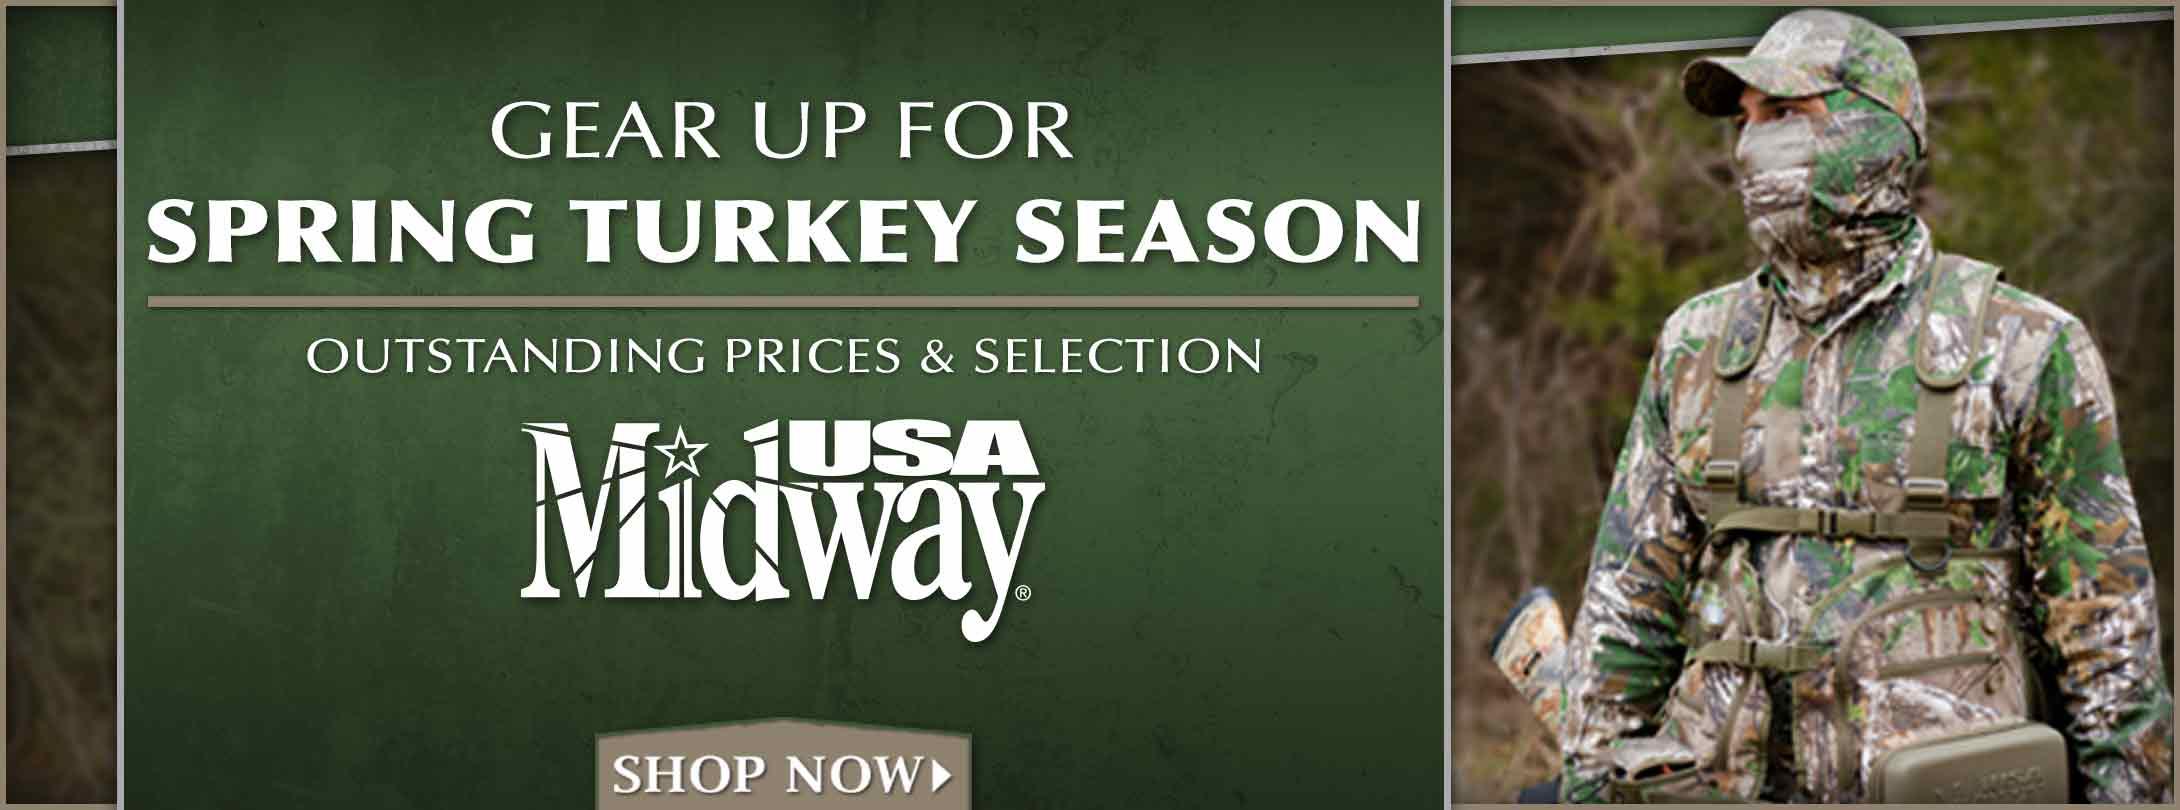 Get Ready For Turkey Season!